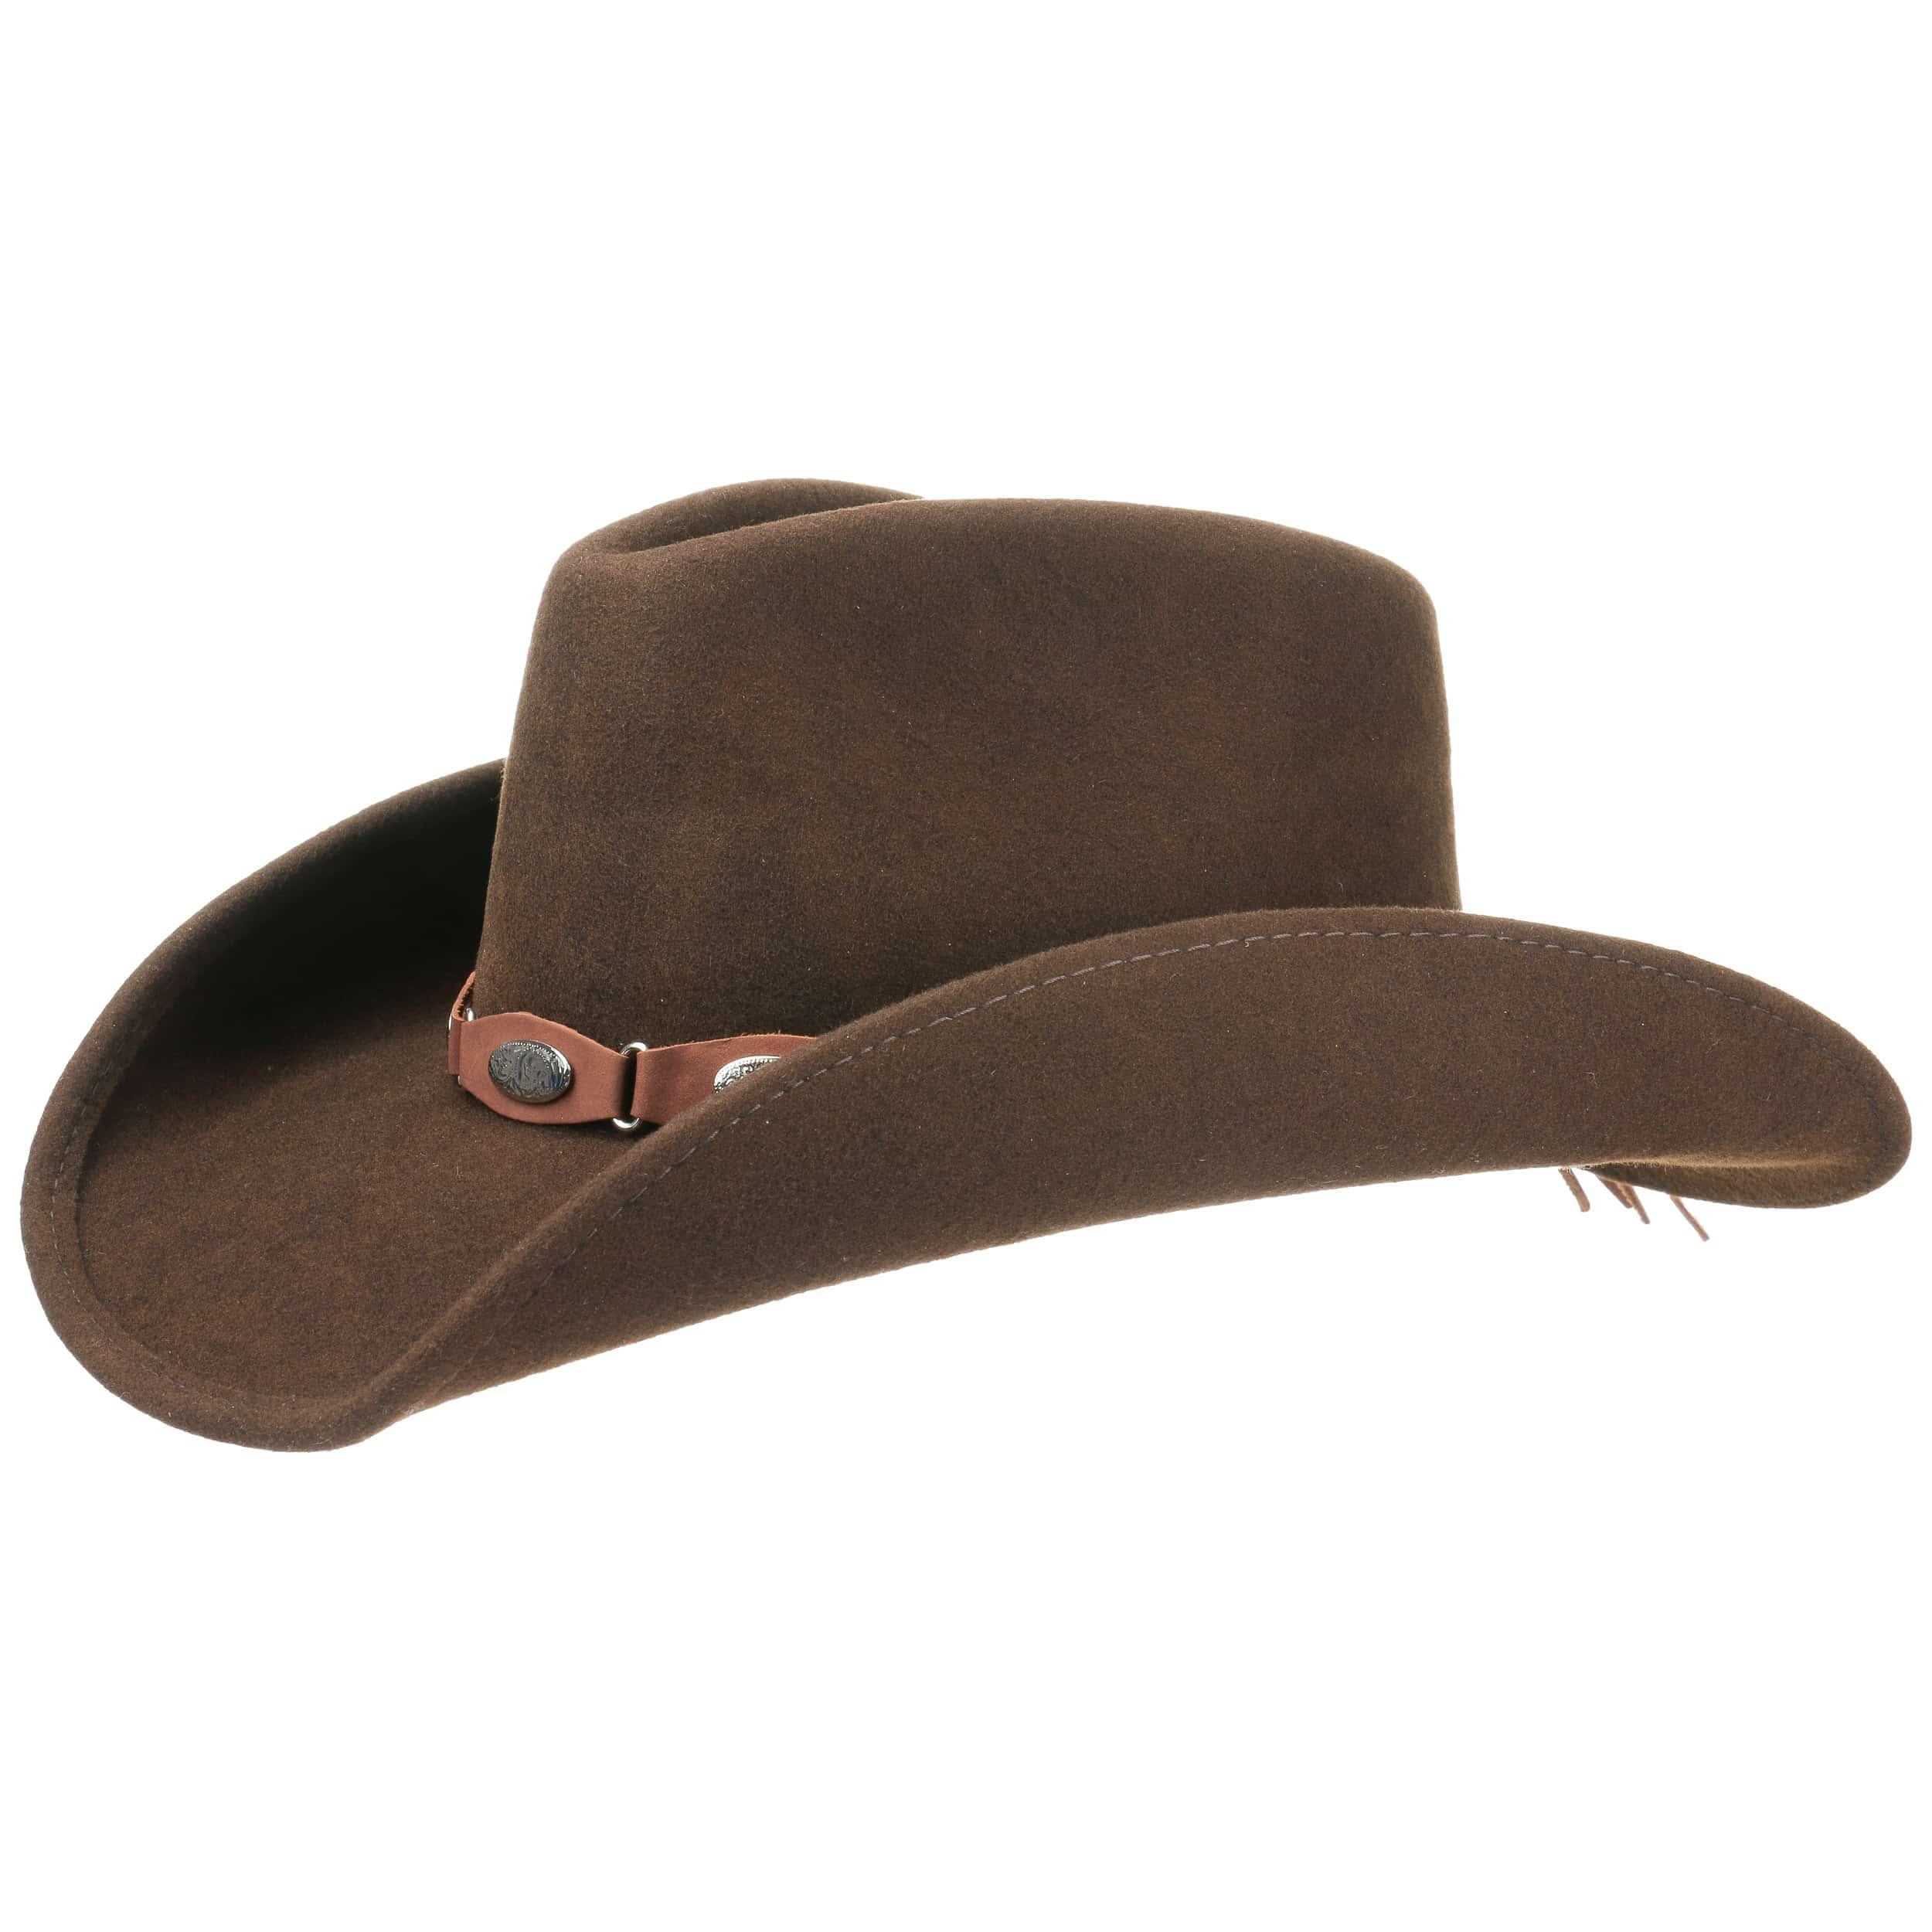 5f3a18cd0e9c4 Sombrero Western Concho Cowboy - Sombreros - sombreroshop.es